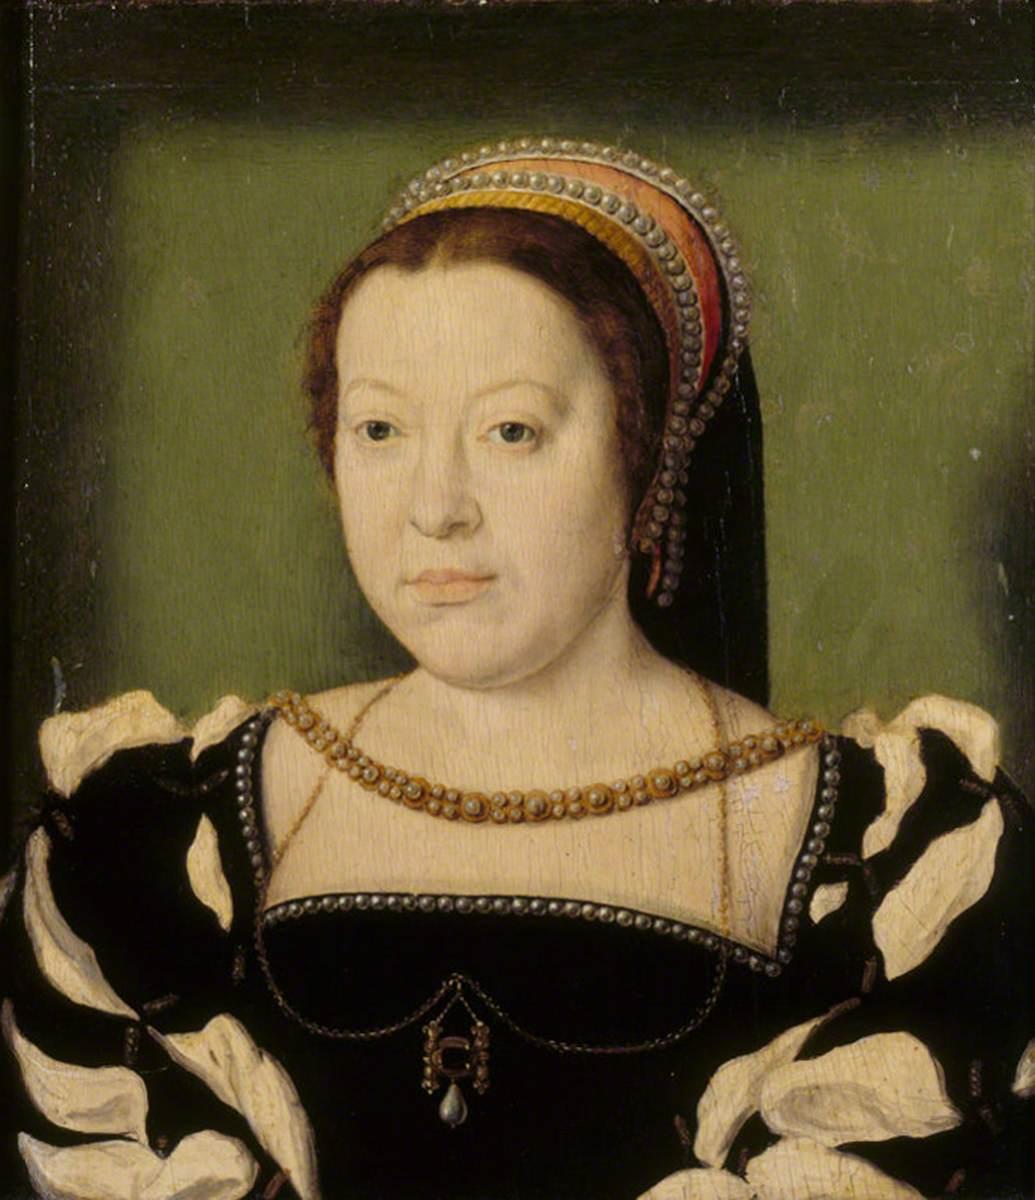 Catherine de' Medici (1519–1589), Queen of France